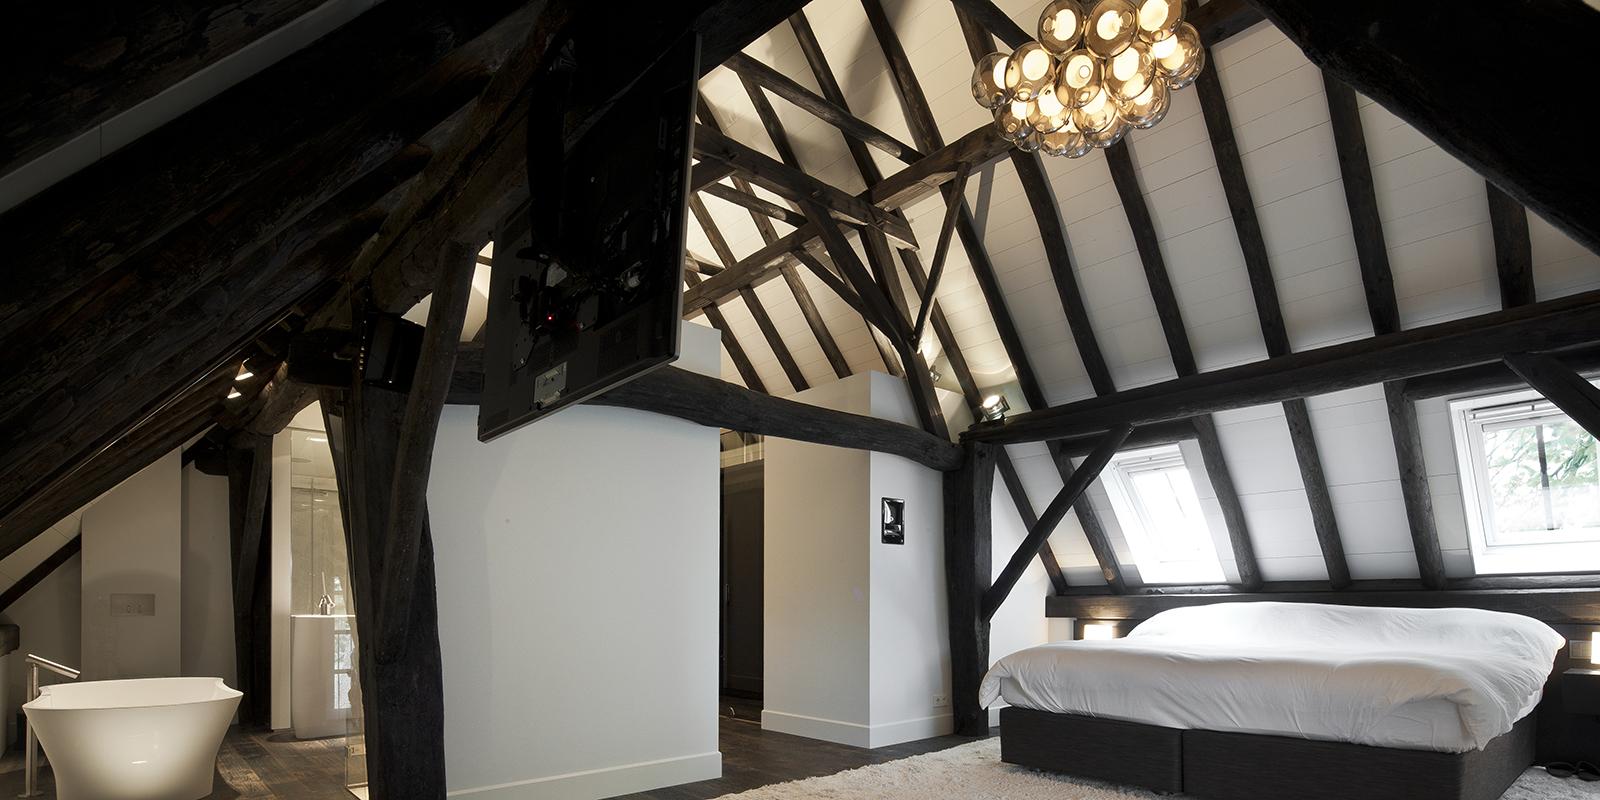 Masterbedroom, houten balken, lamp, Omer Arbel, handgeblazen, bed, houten balken, landelijk, modern, Francois Hannes